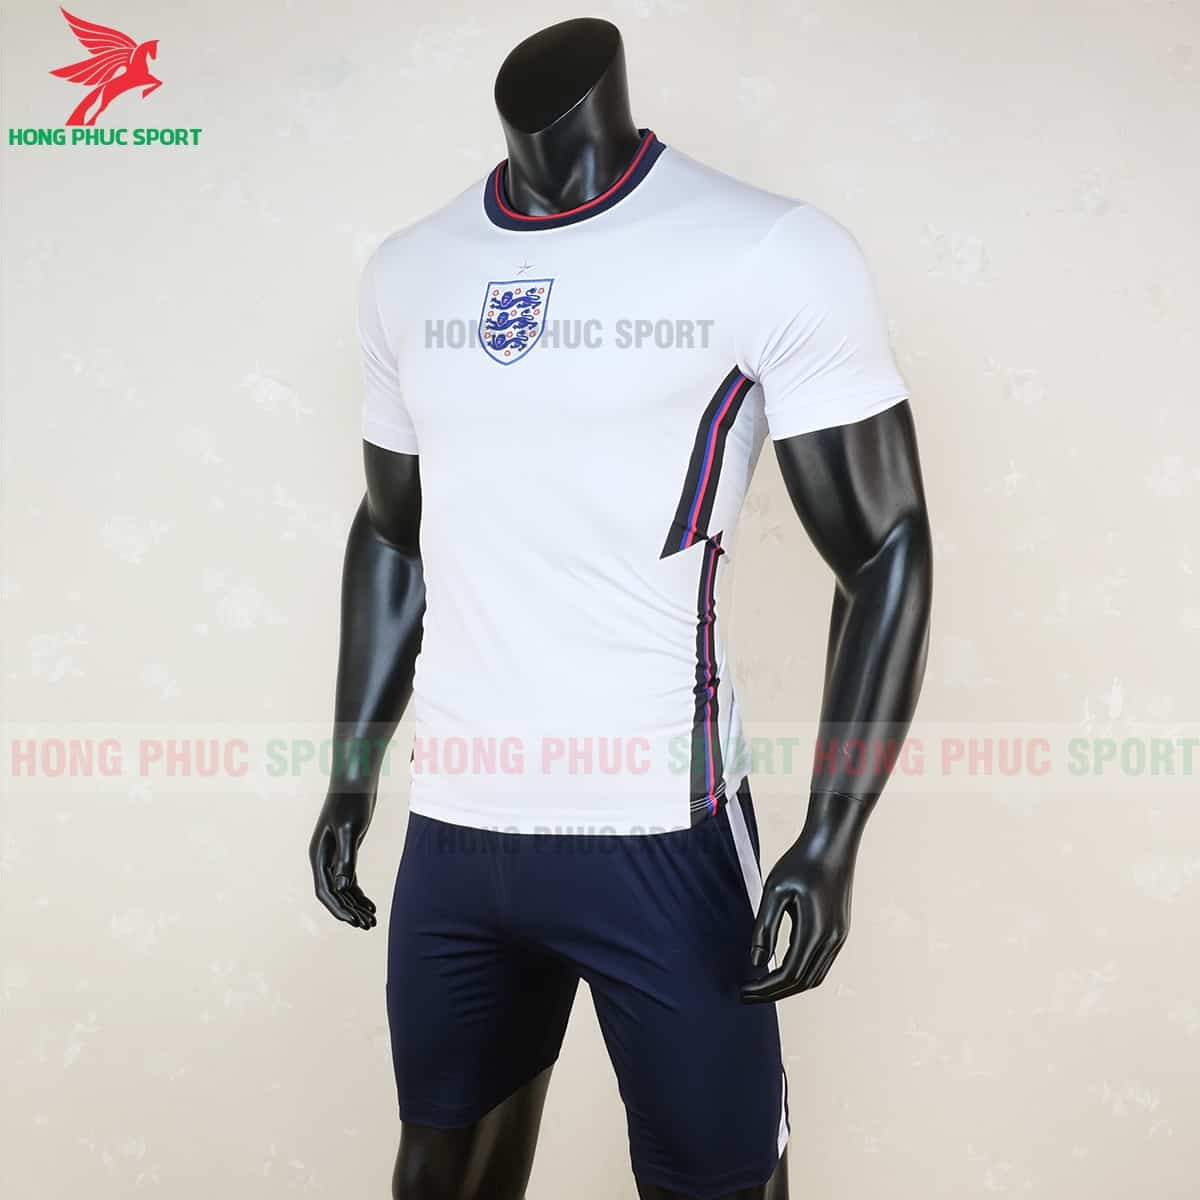 Thiết kế cổ tròn và đường Zig-zag trên áo tuyển Anh 2021